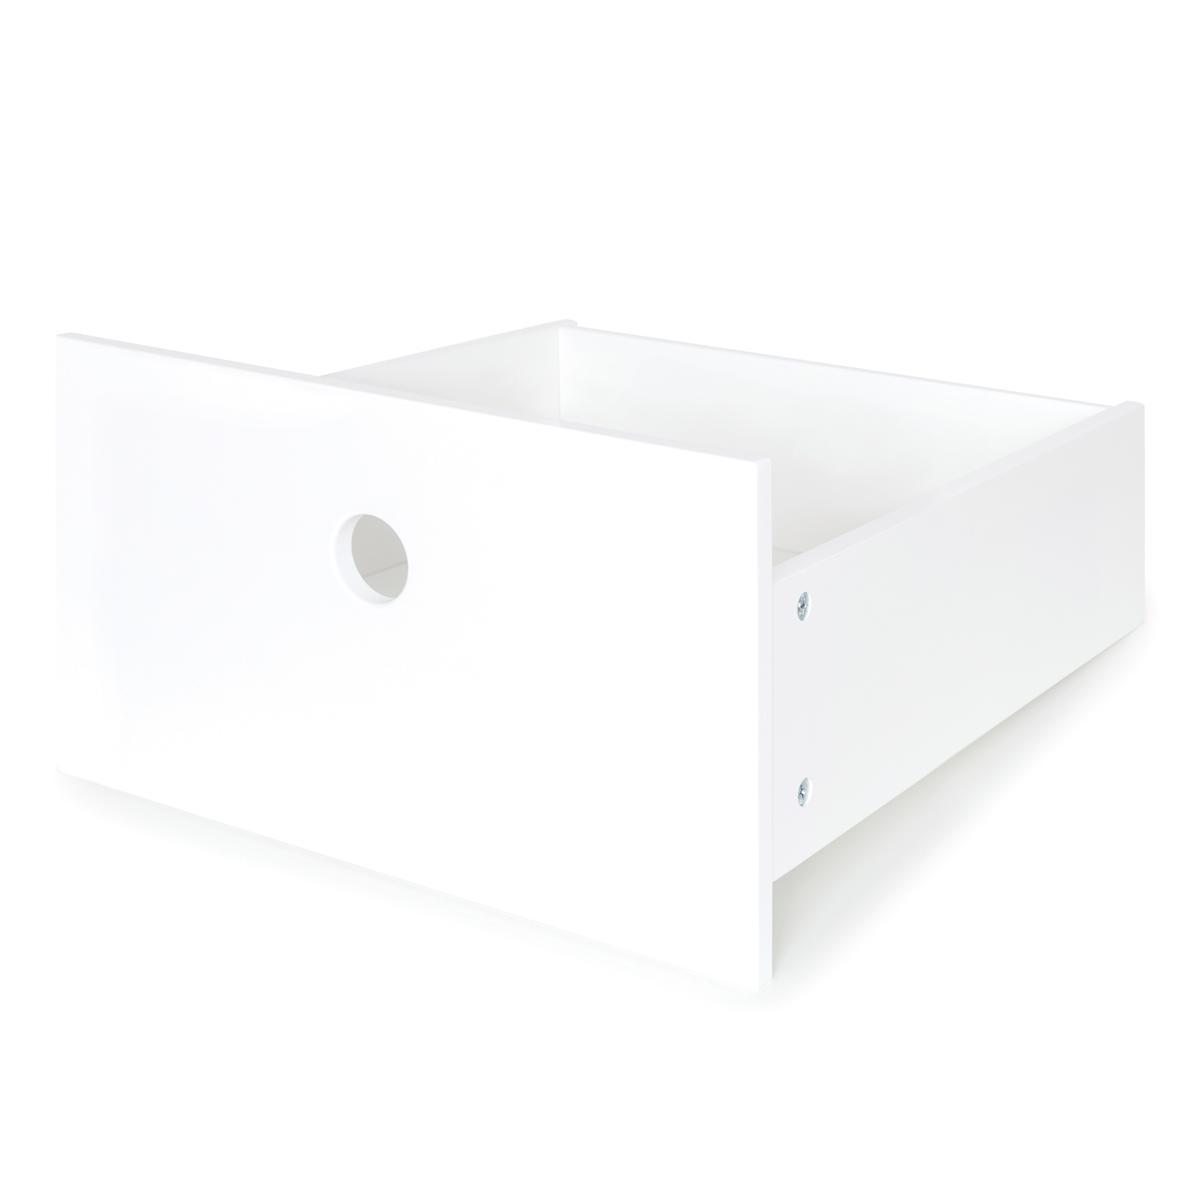 Façade tiroir S COLORFLEX white